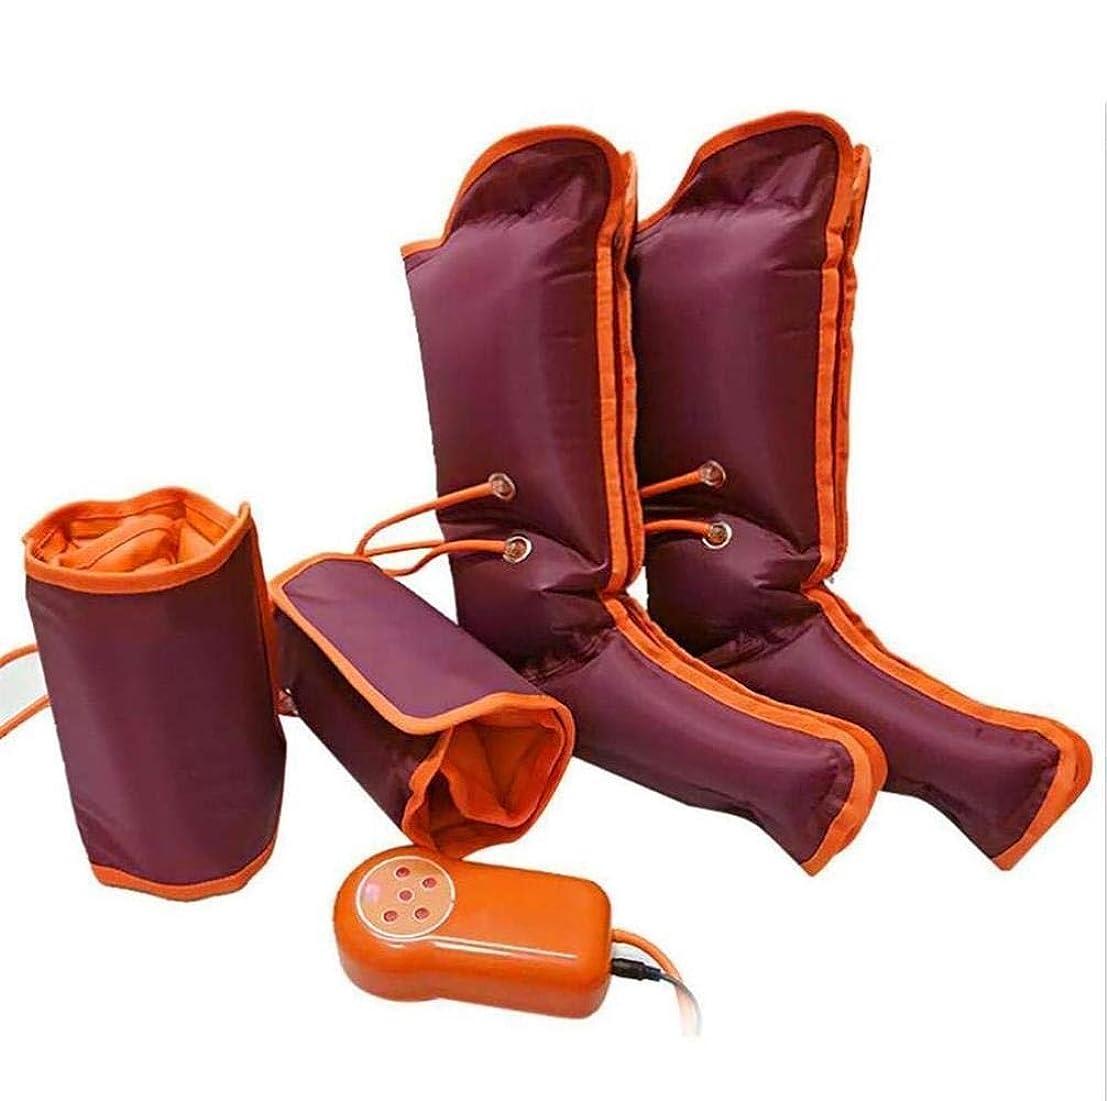 デッキパラシュート飼いならす加熱された膝装具ラップサポート治療用電気加熱パッド、空気圧縮電気圧縮足マッサージ膝サポート